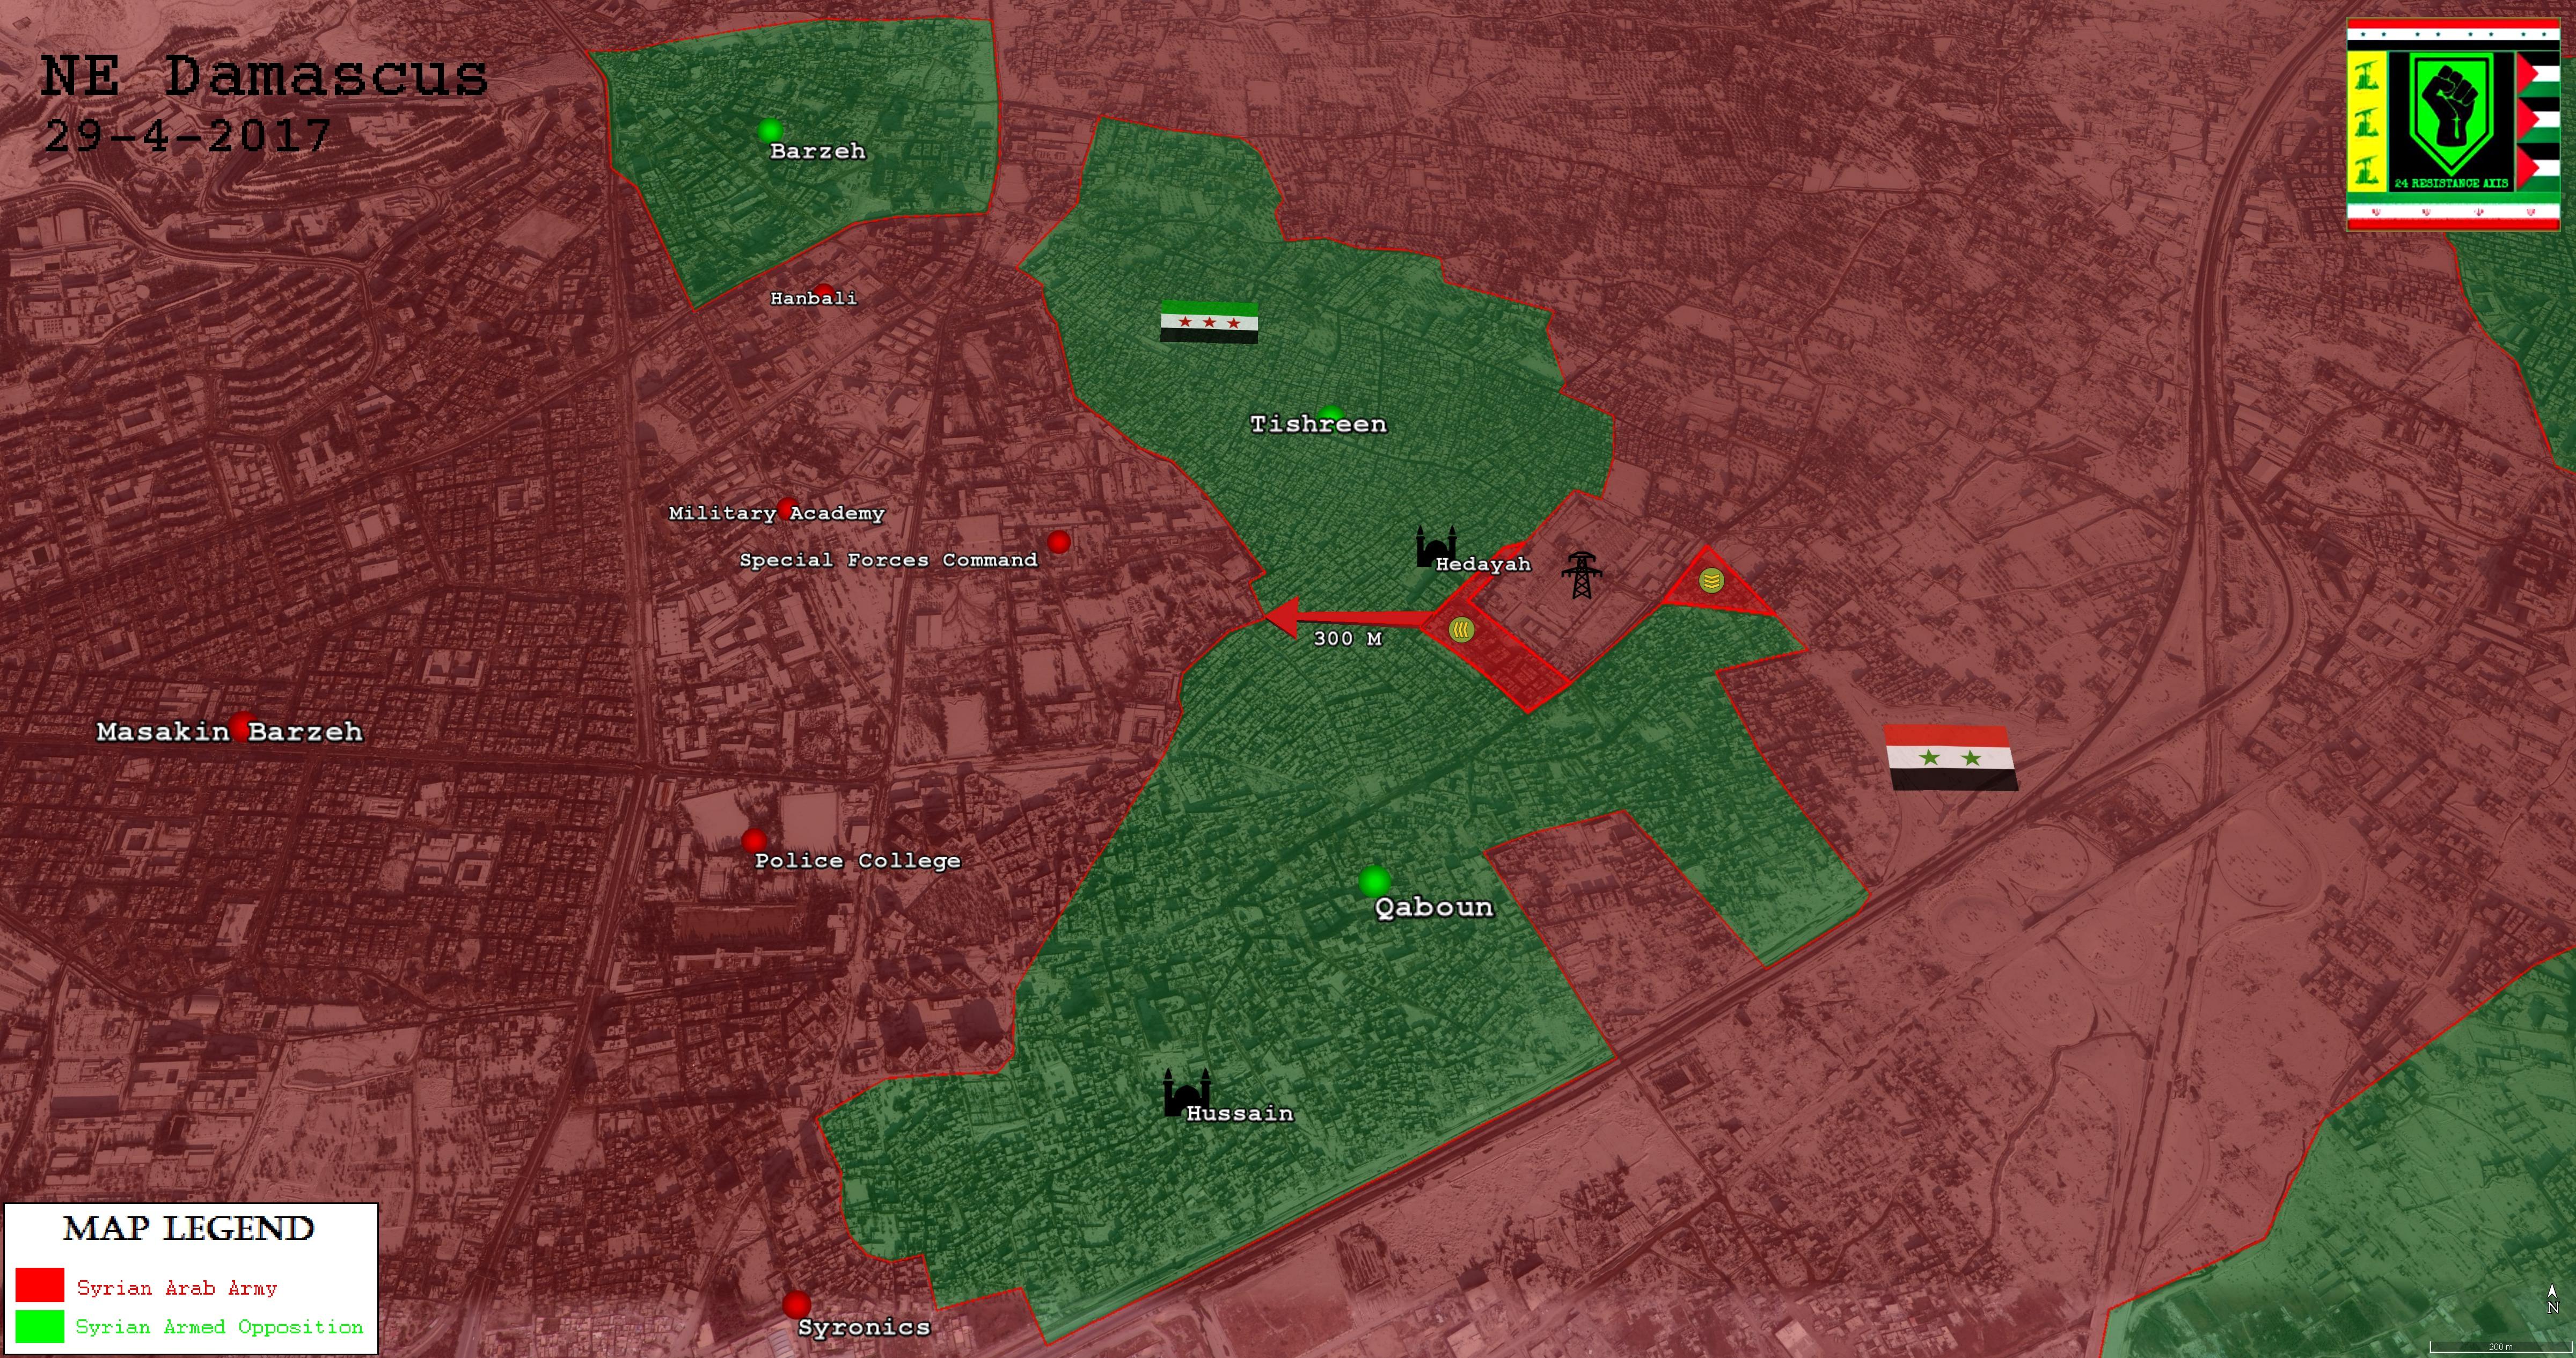 146 People Were Killed In Militants Infighting In Eastern Ghouta